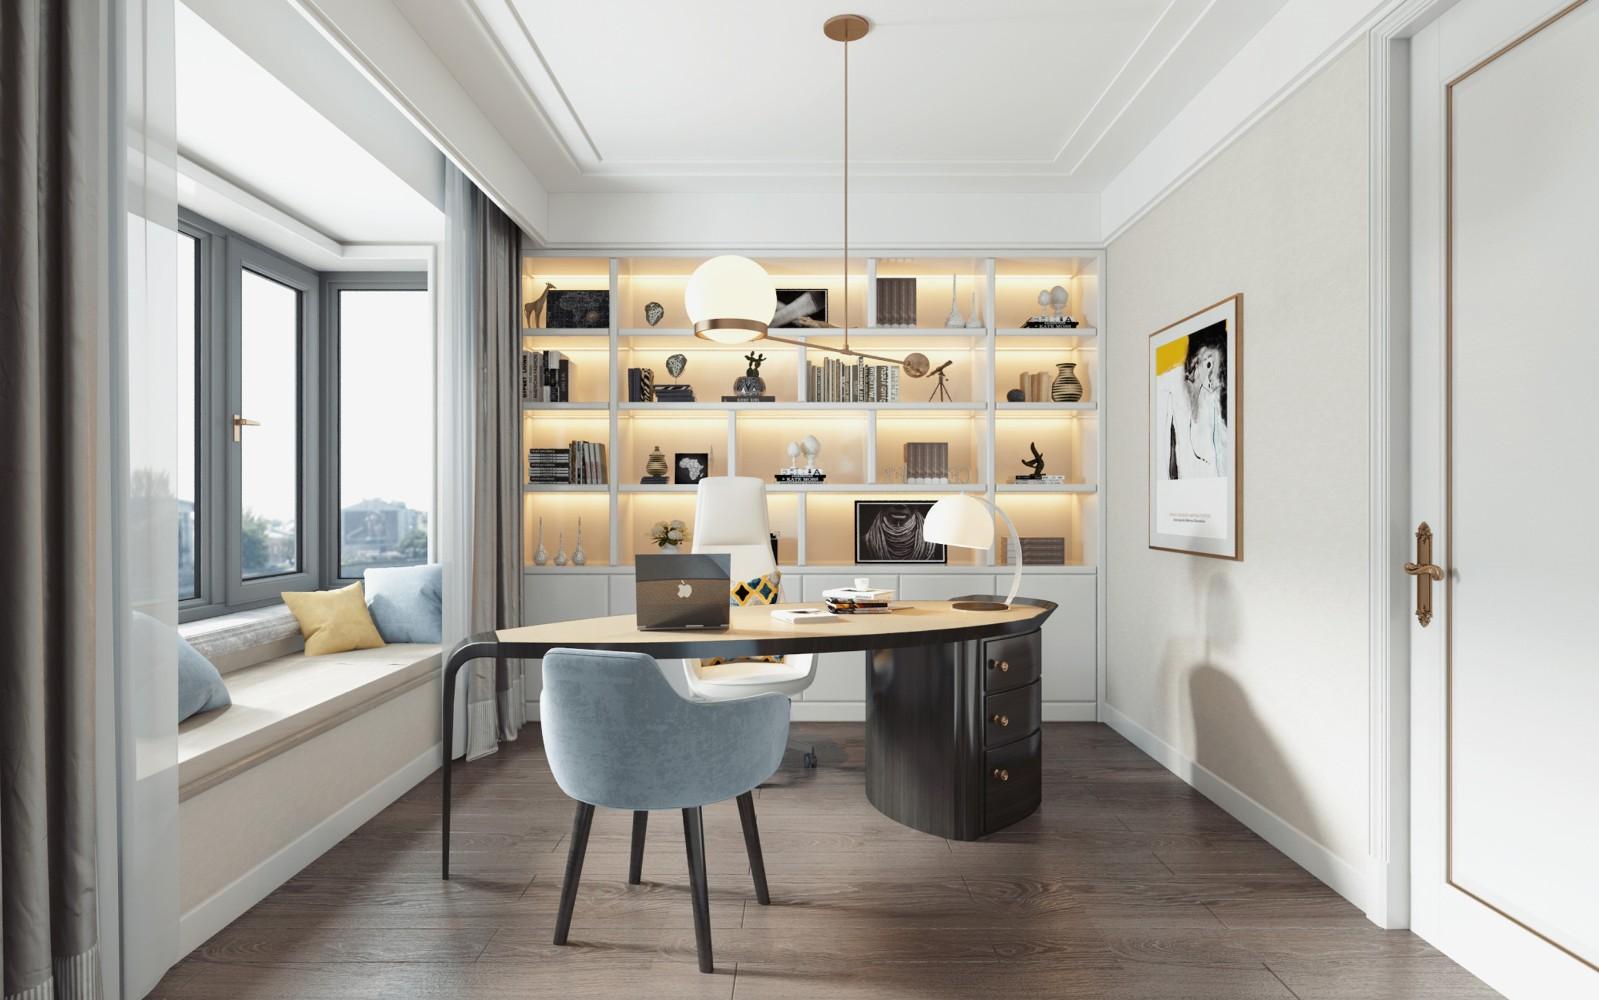 2020现代起居室装修设计 2020现代细节装修效果图大全